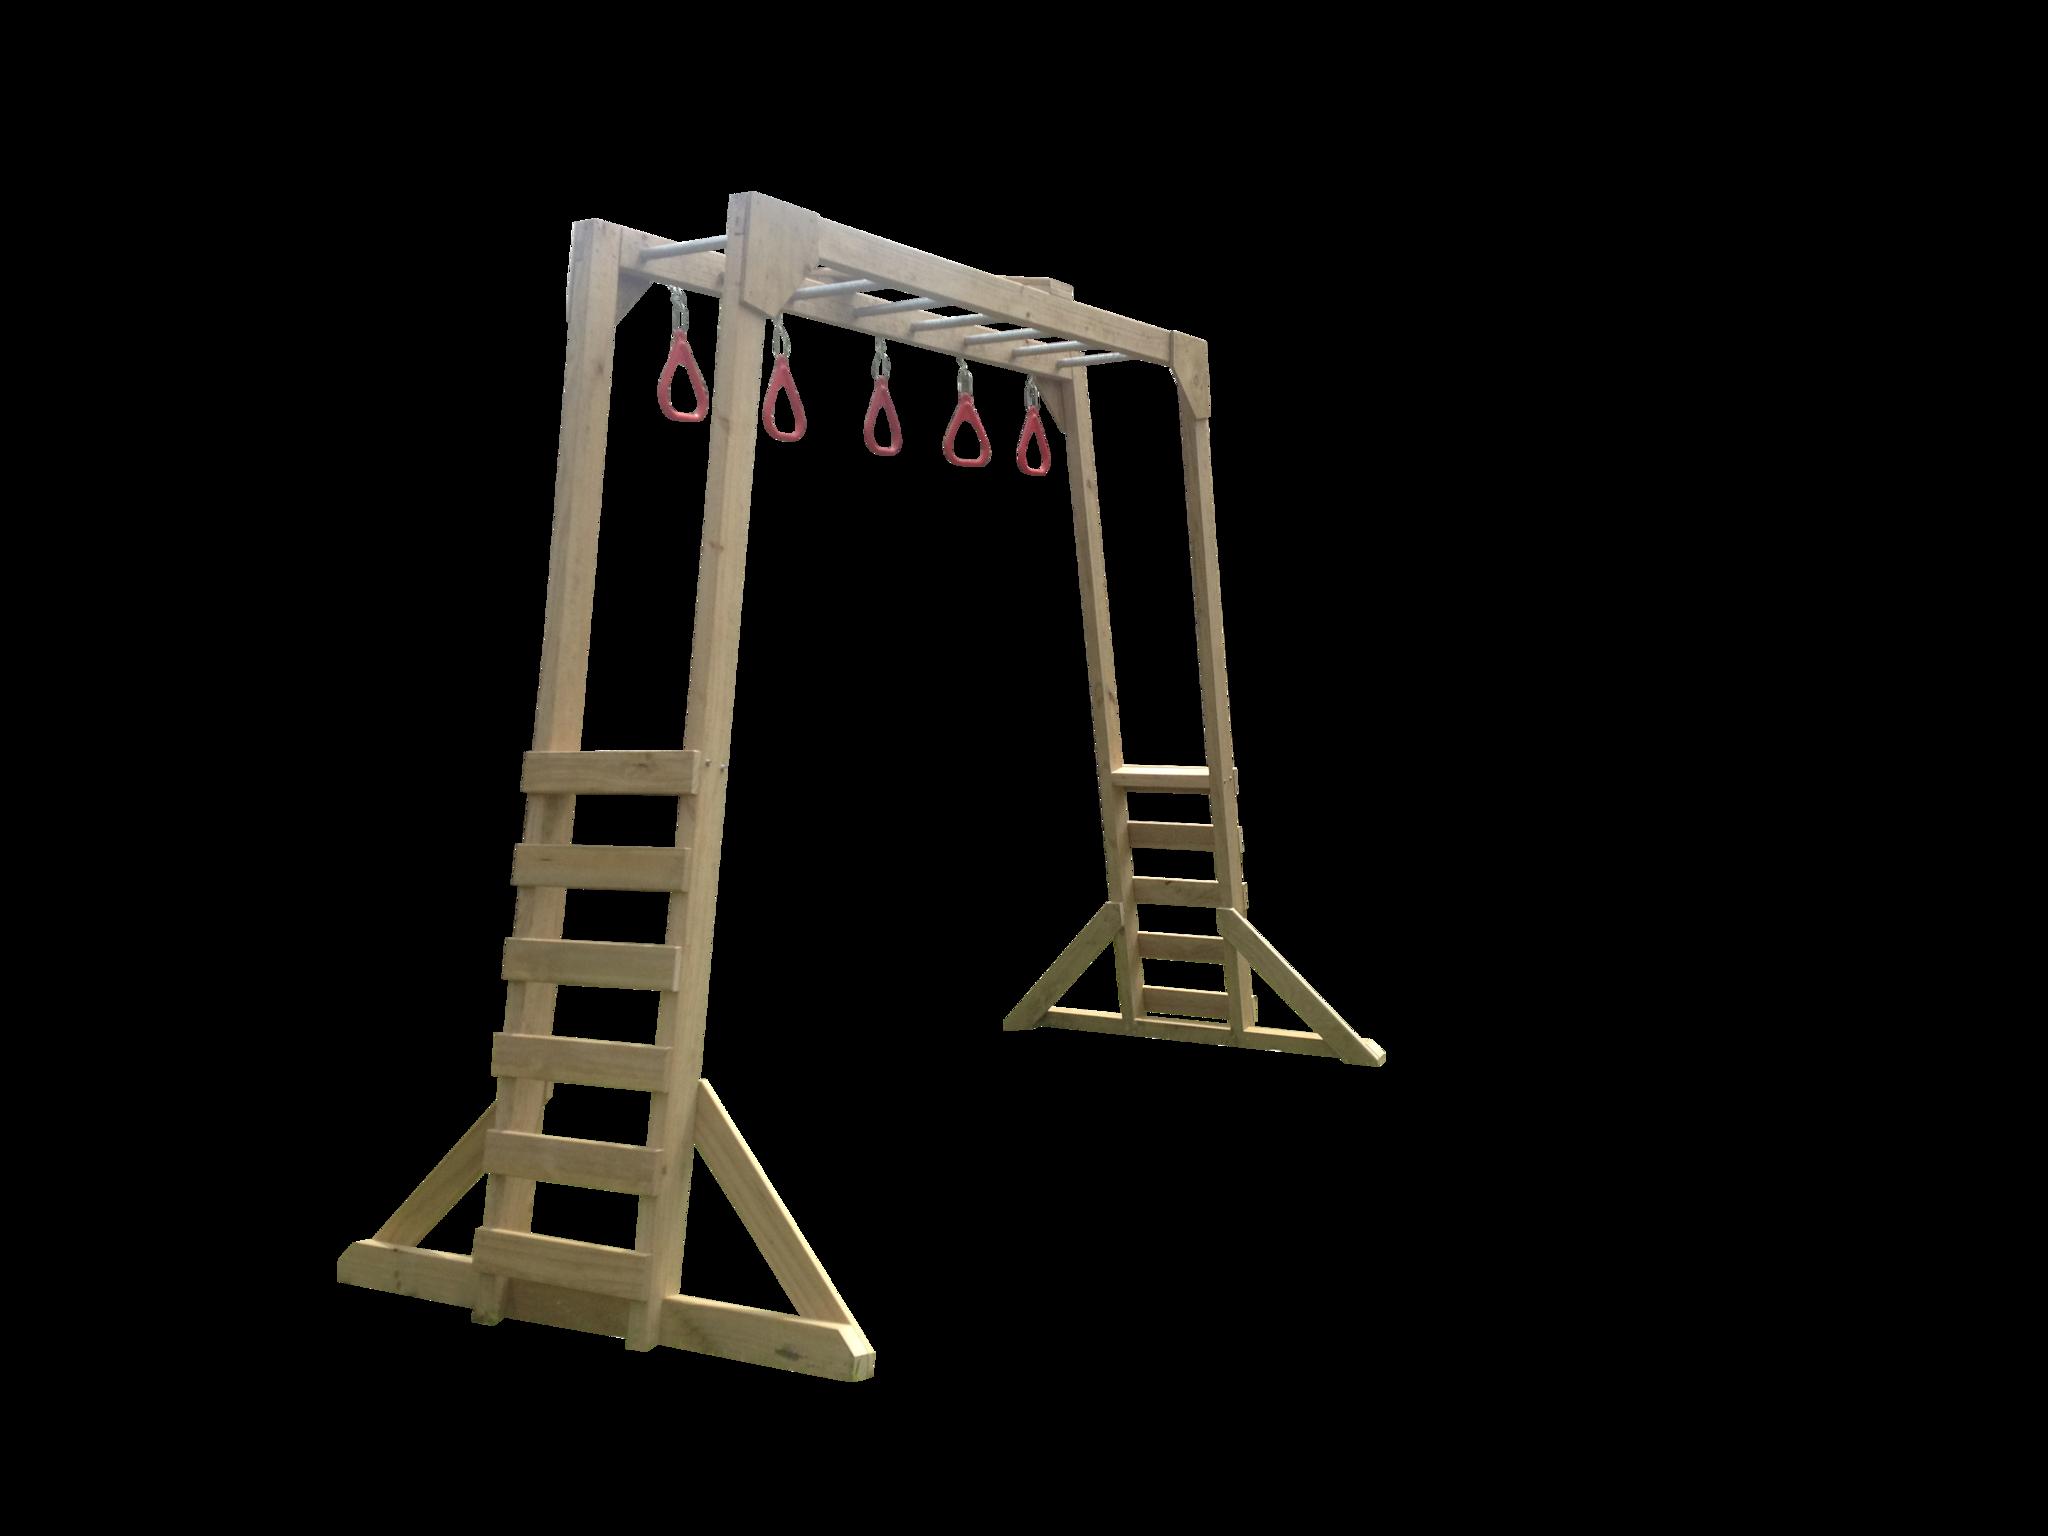 Free Standing Monkey Bars Garden Pinterest Monkey Bar And - Build monkey bars ladder